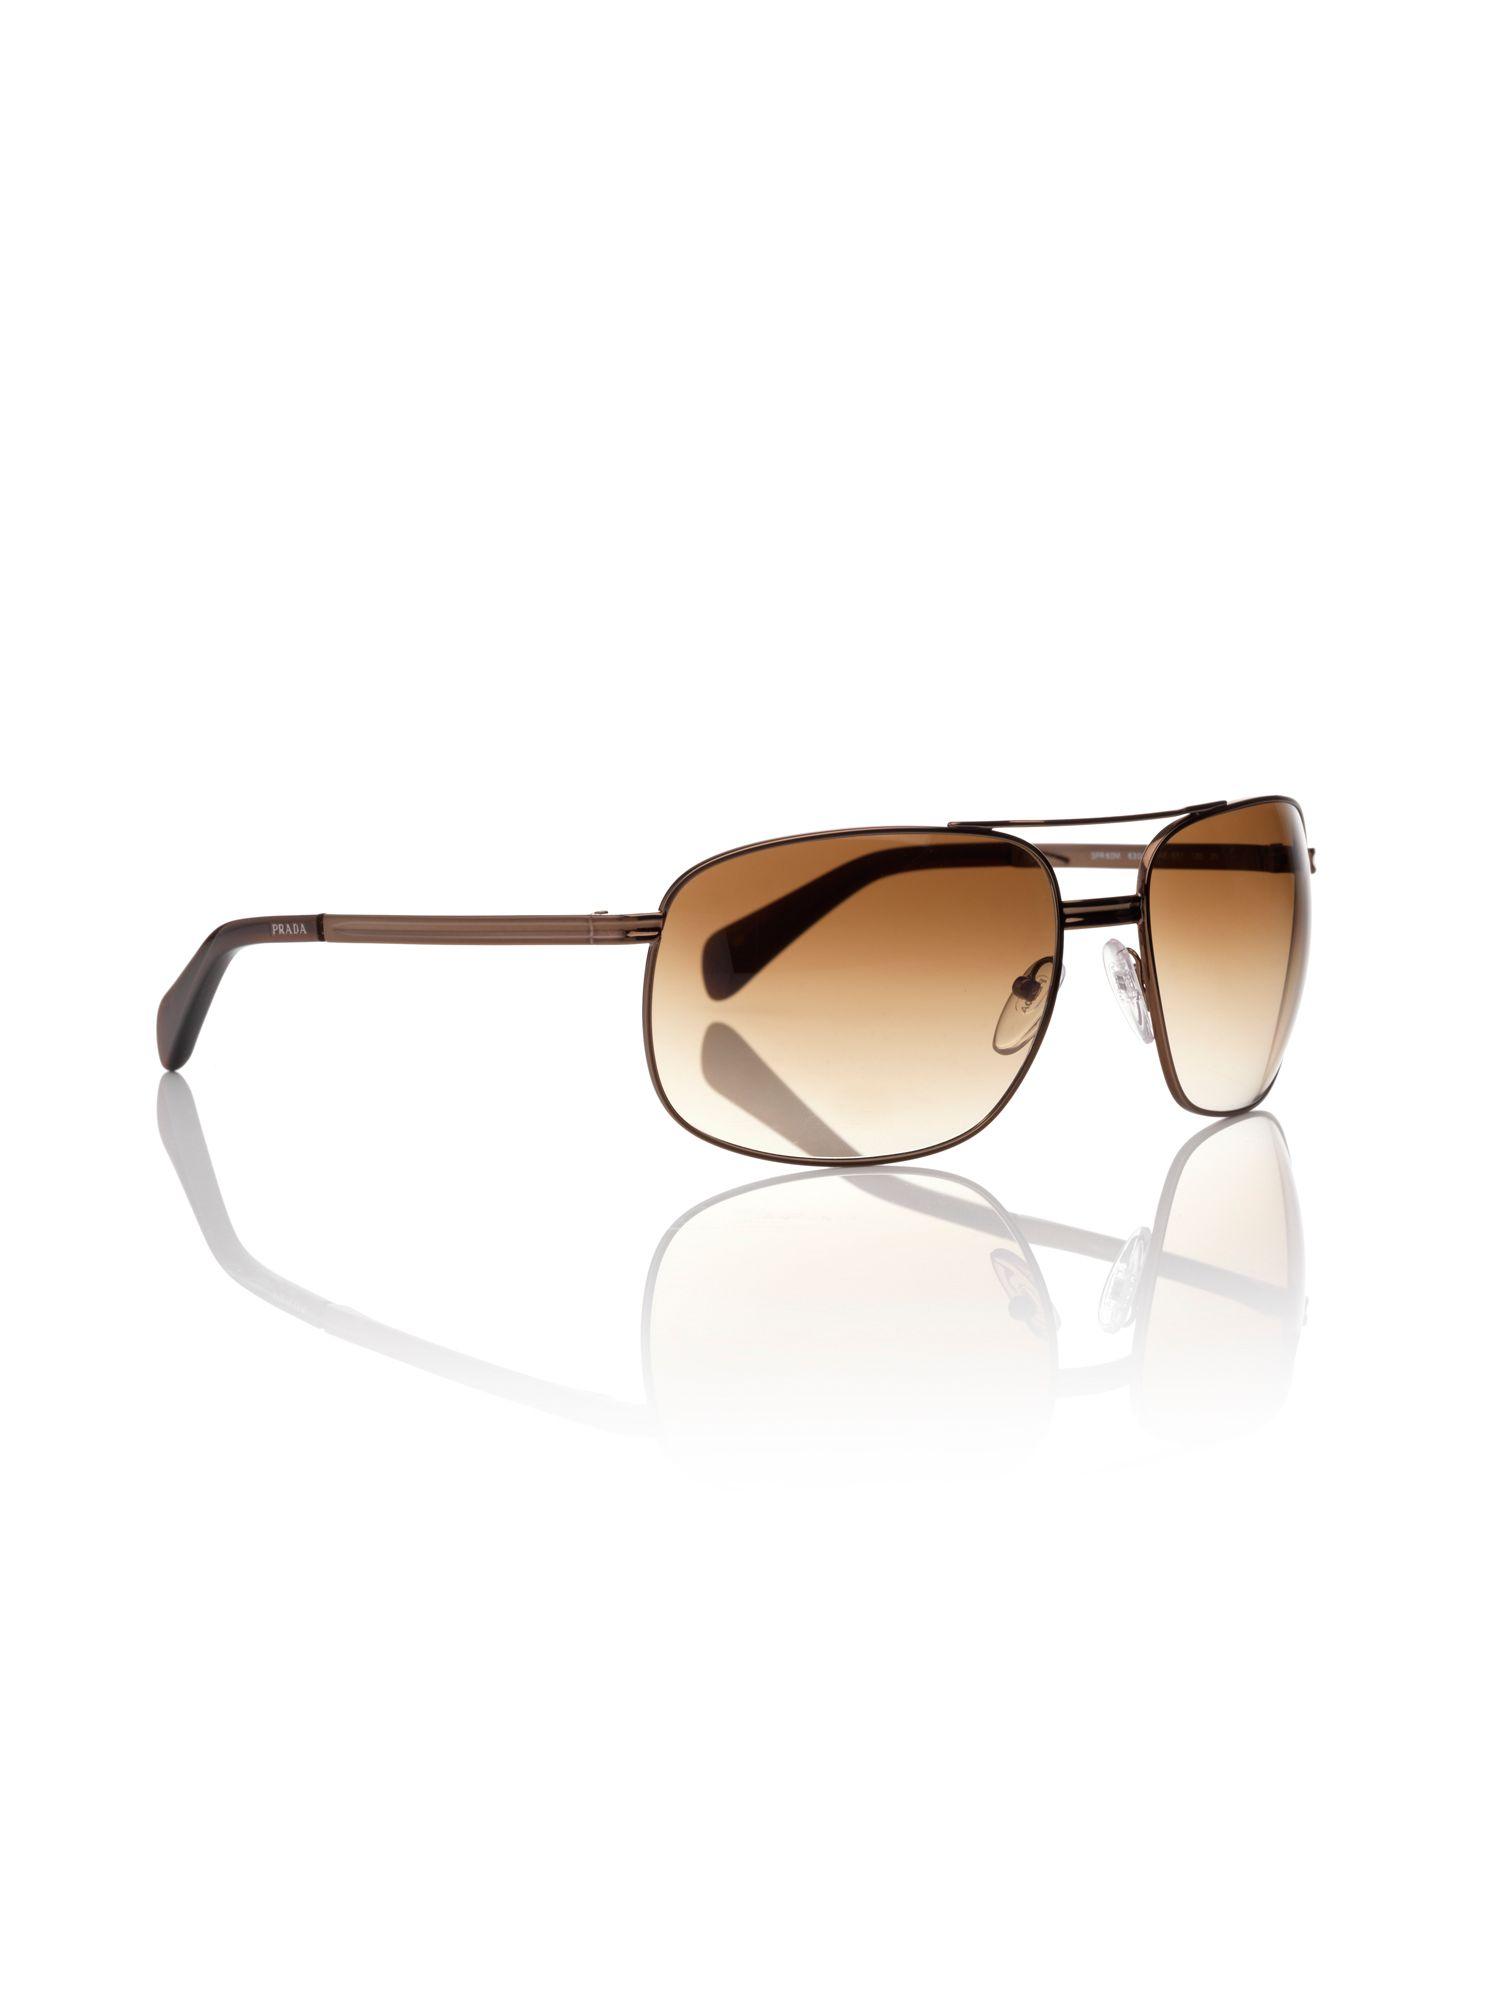 4a61c5acb467 ... new style prada mens sunglasses in brown for men lyst 1e1f9 e9f74